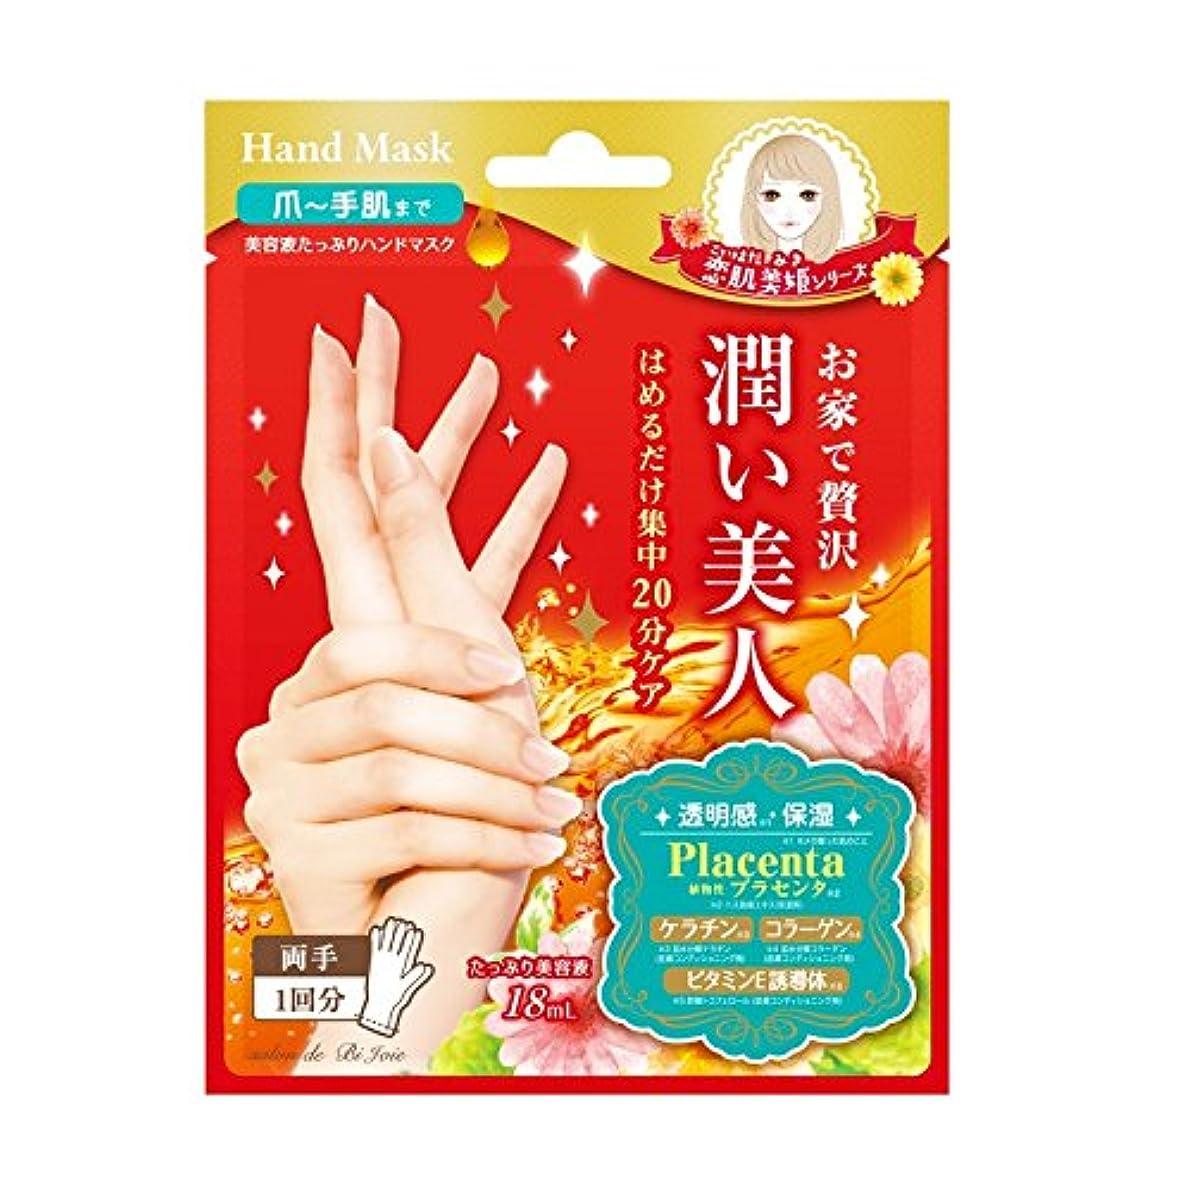 文房具自動車こんにちはBJ 潤いハンドマスク (美容液18mL/1回分)